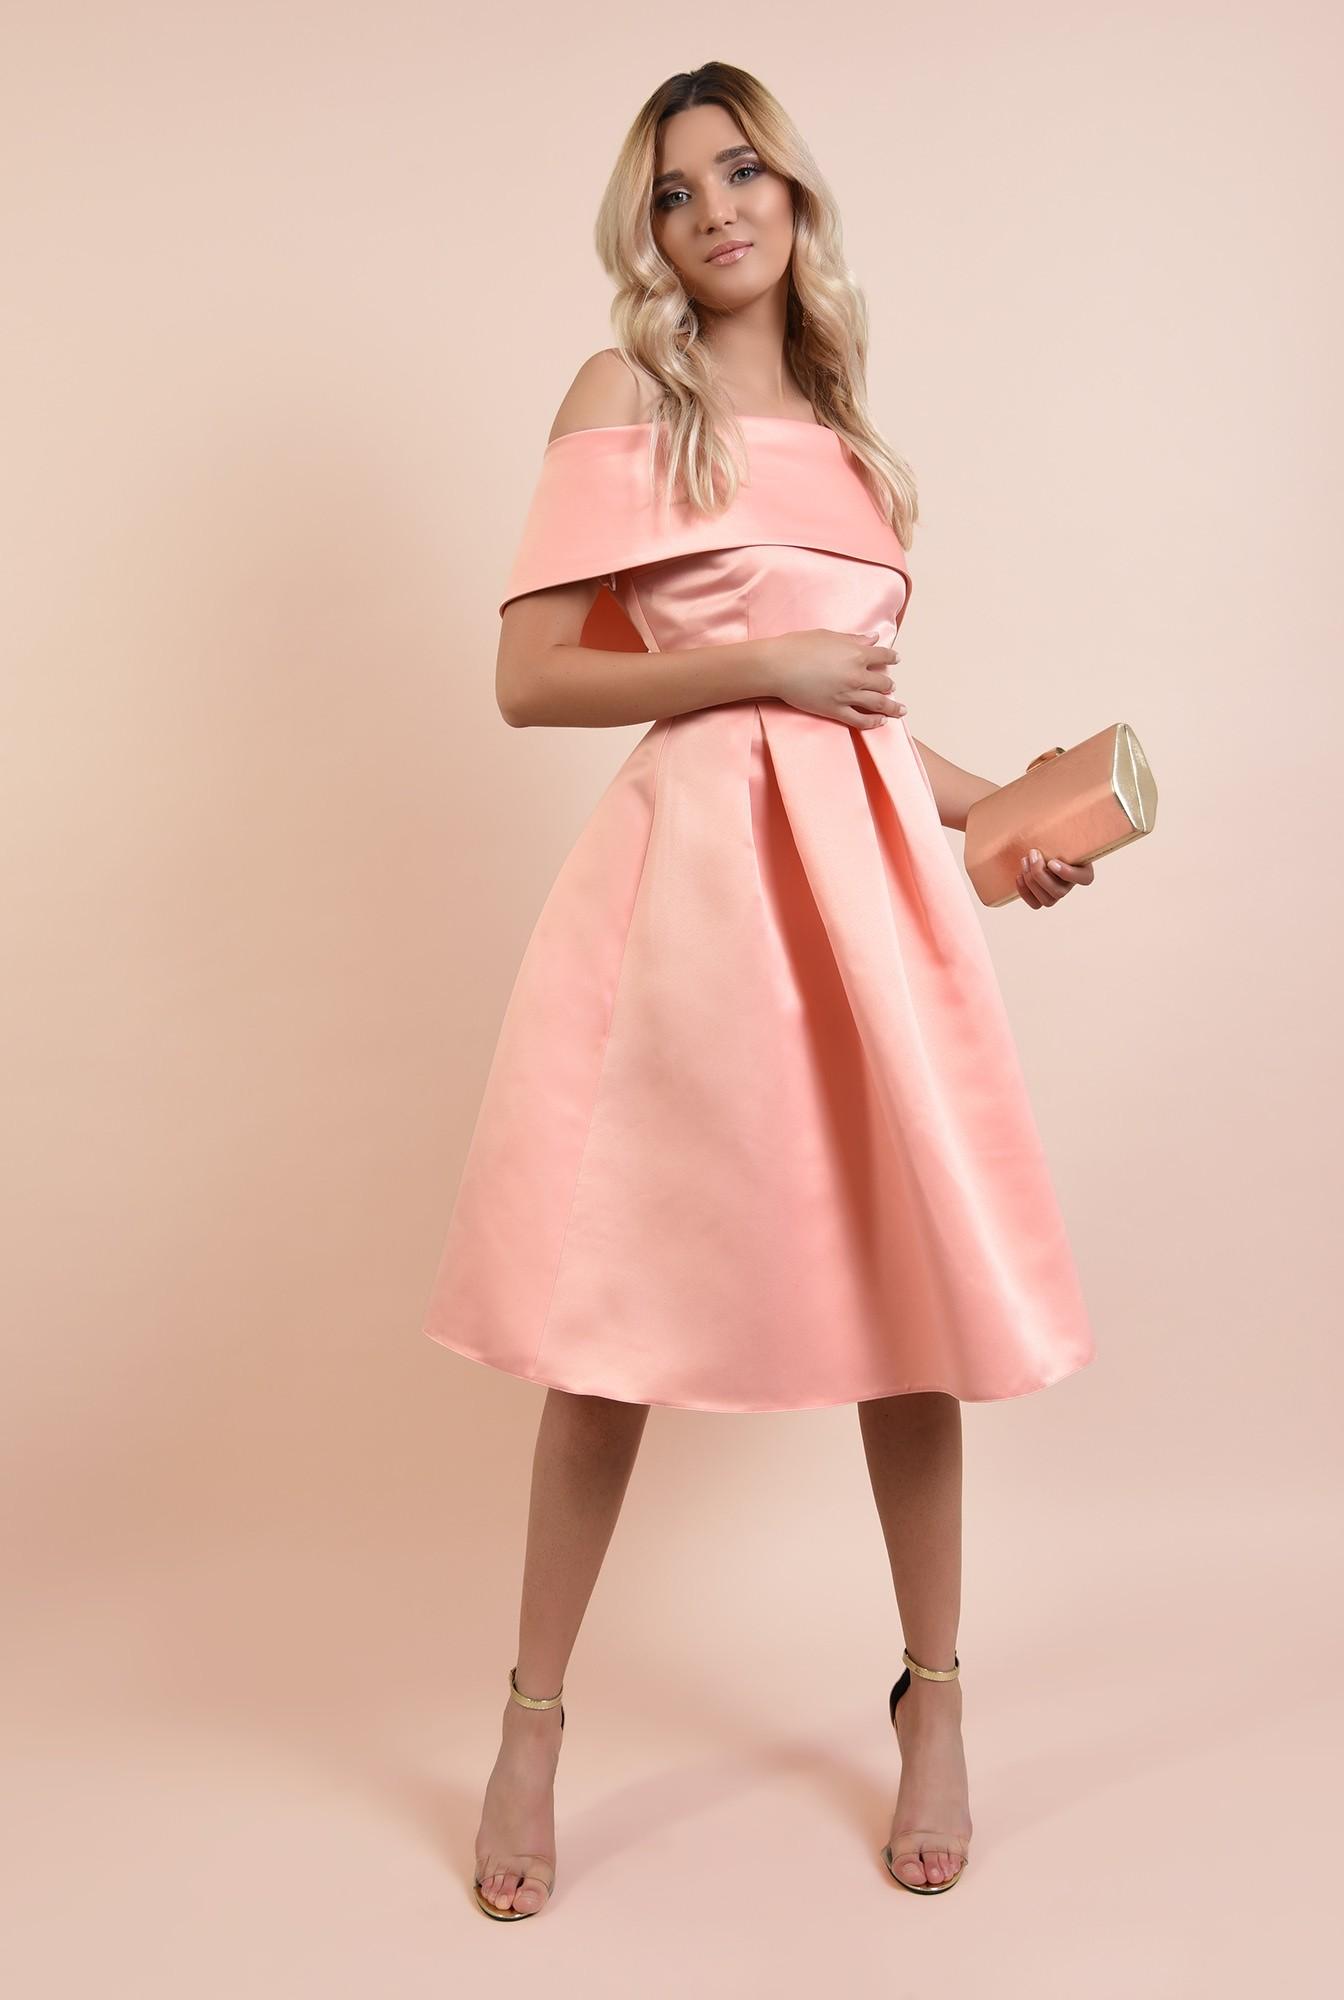 3 - 360 - rochie de ocazie, roz somon, midi, cu pliuri panou, Poema, umeri goi